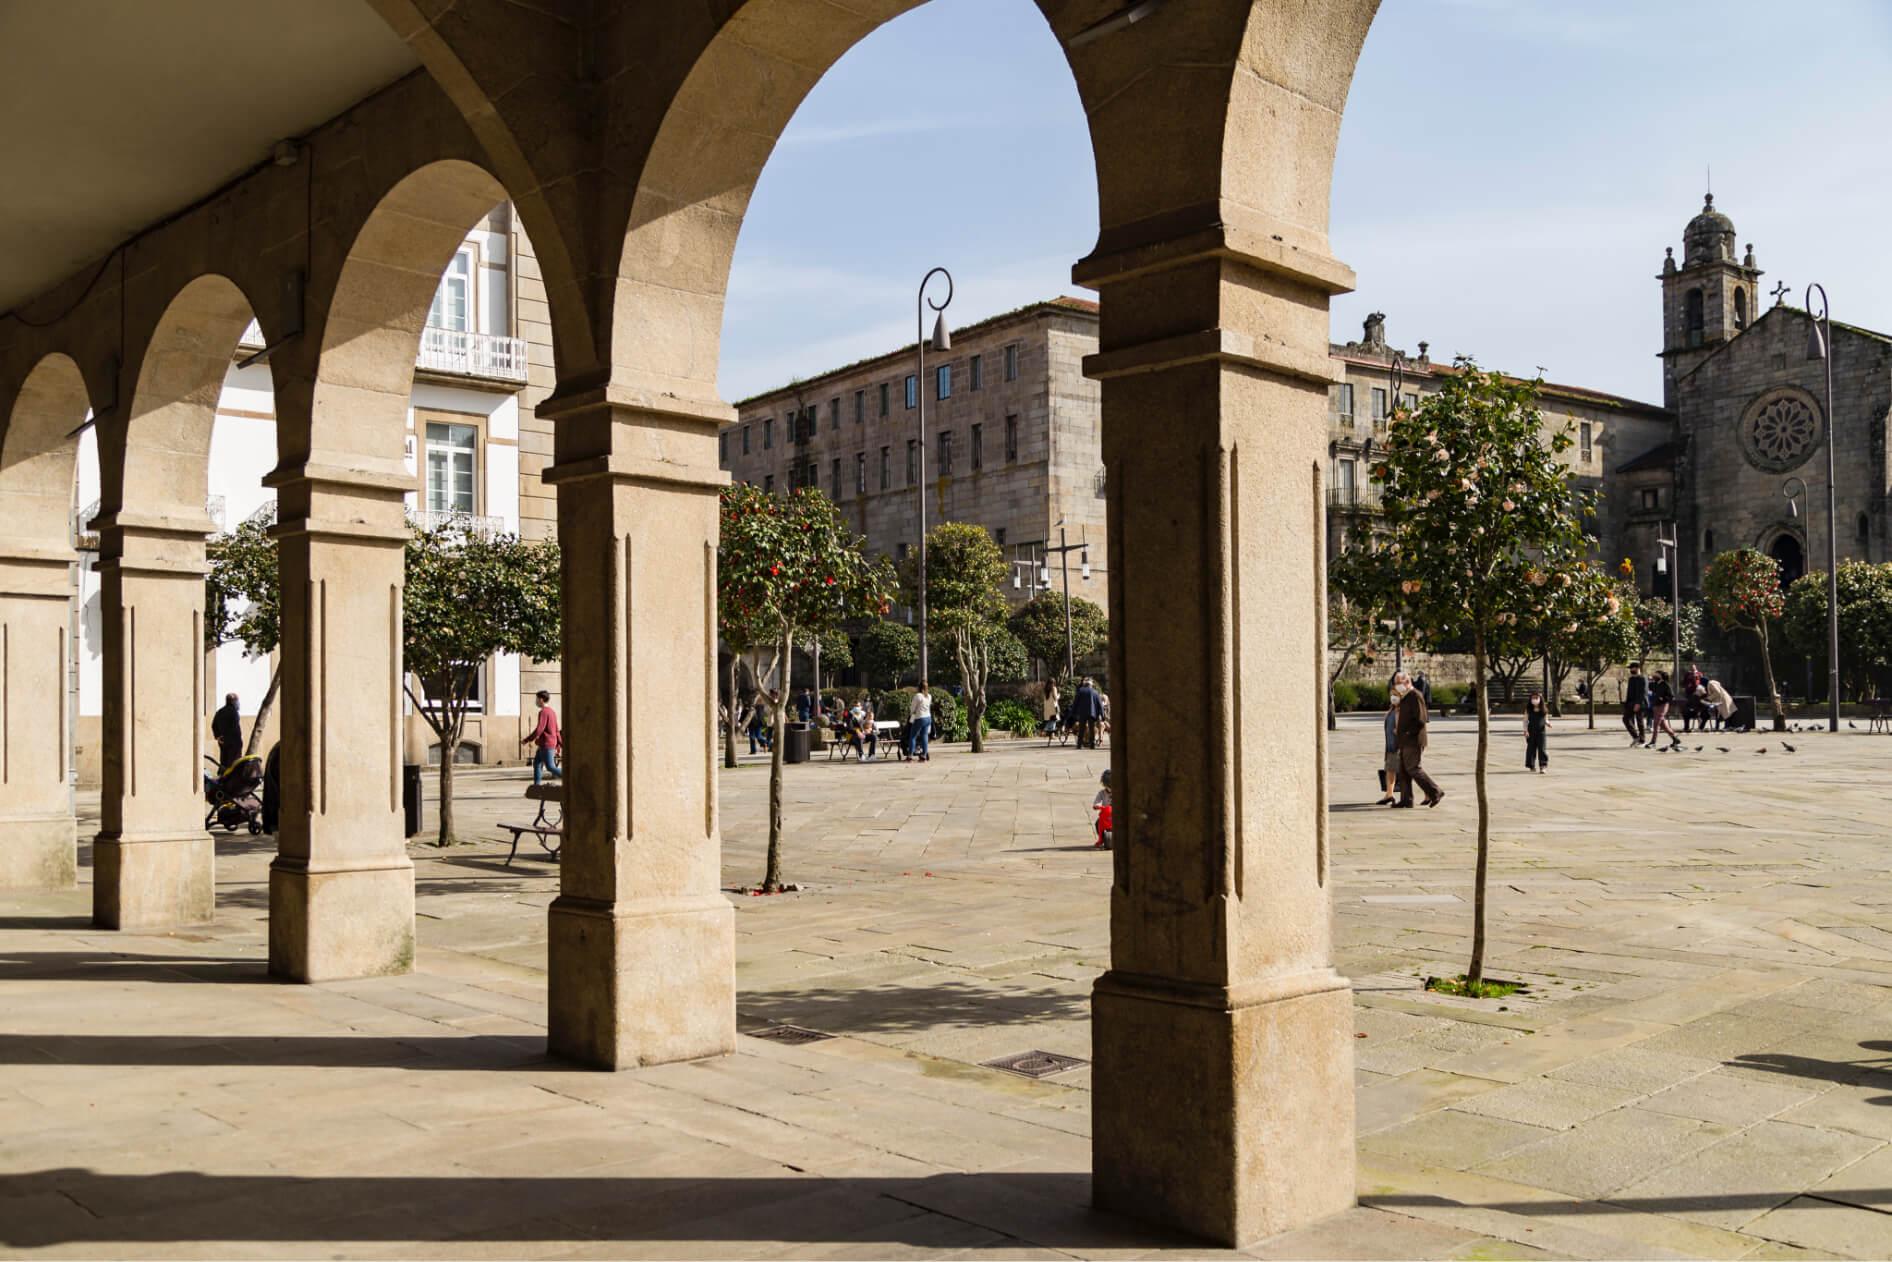 Plaza Herreria